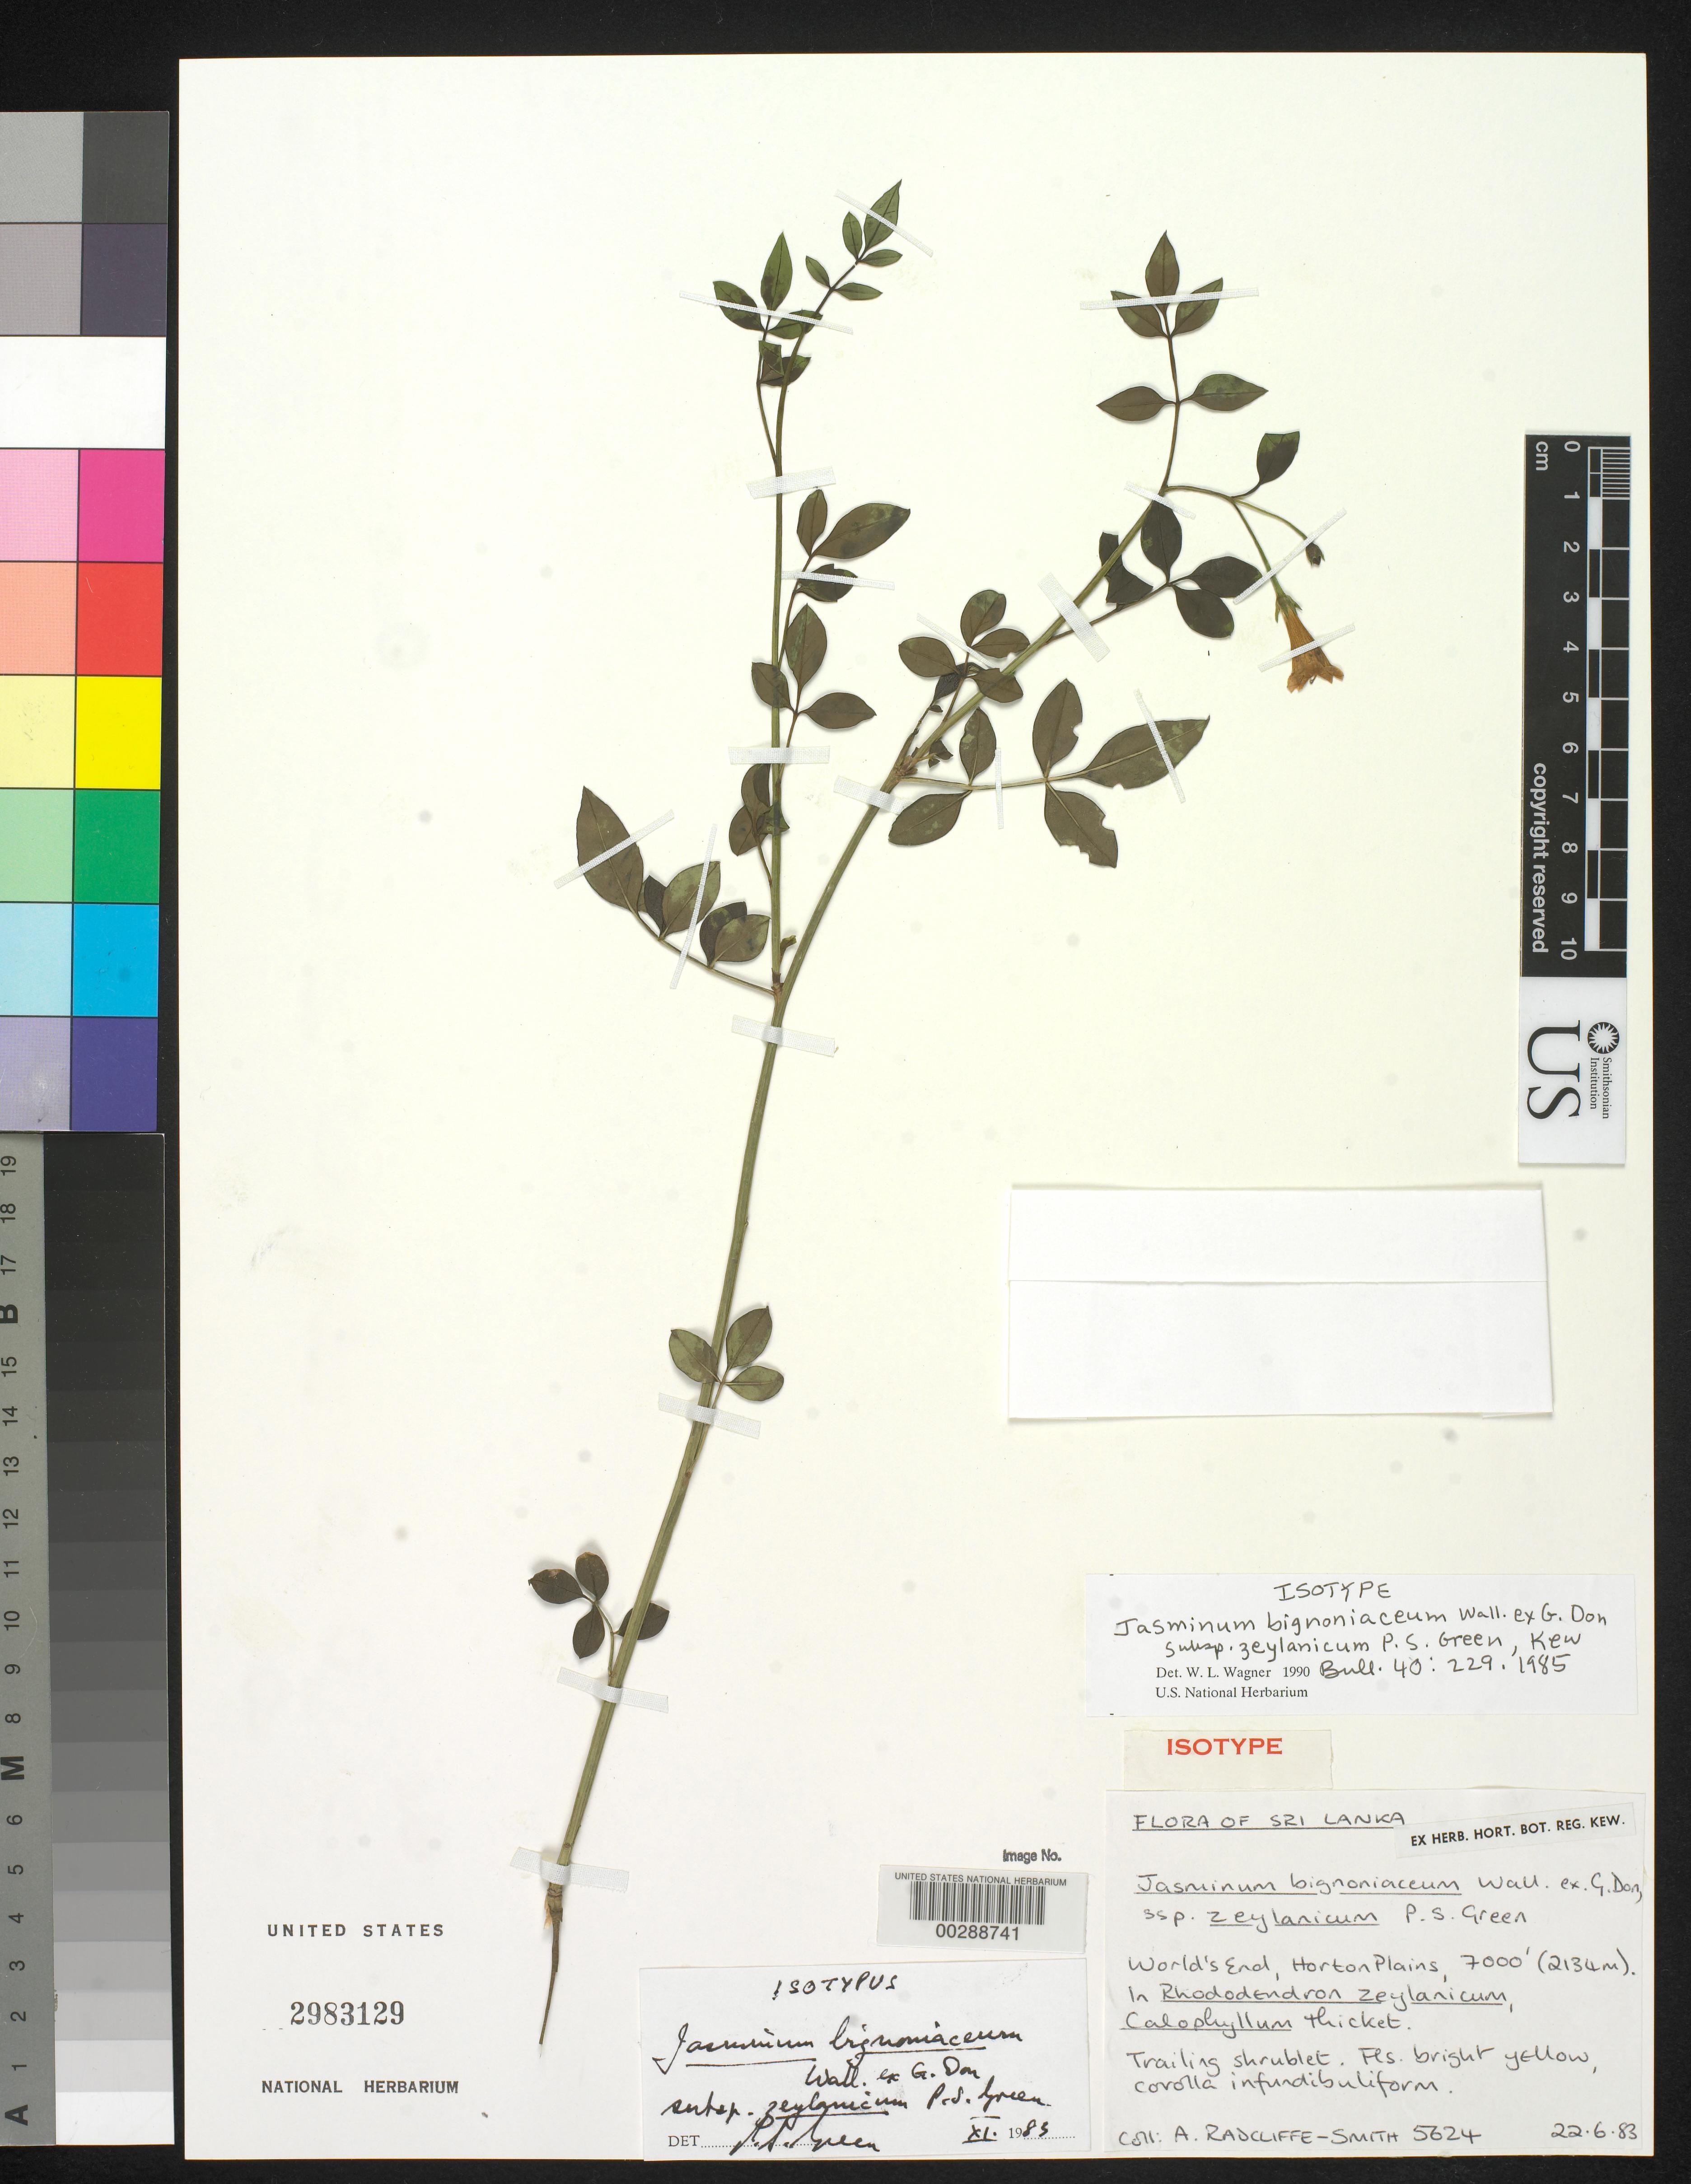 Jasminum bignoniaceum subsp. zeylanicum P.S. Green